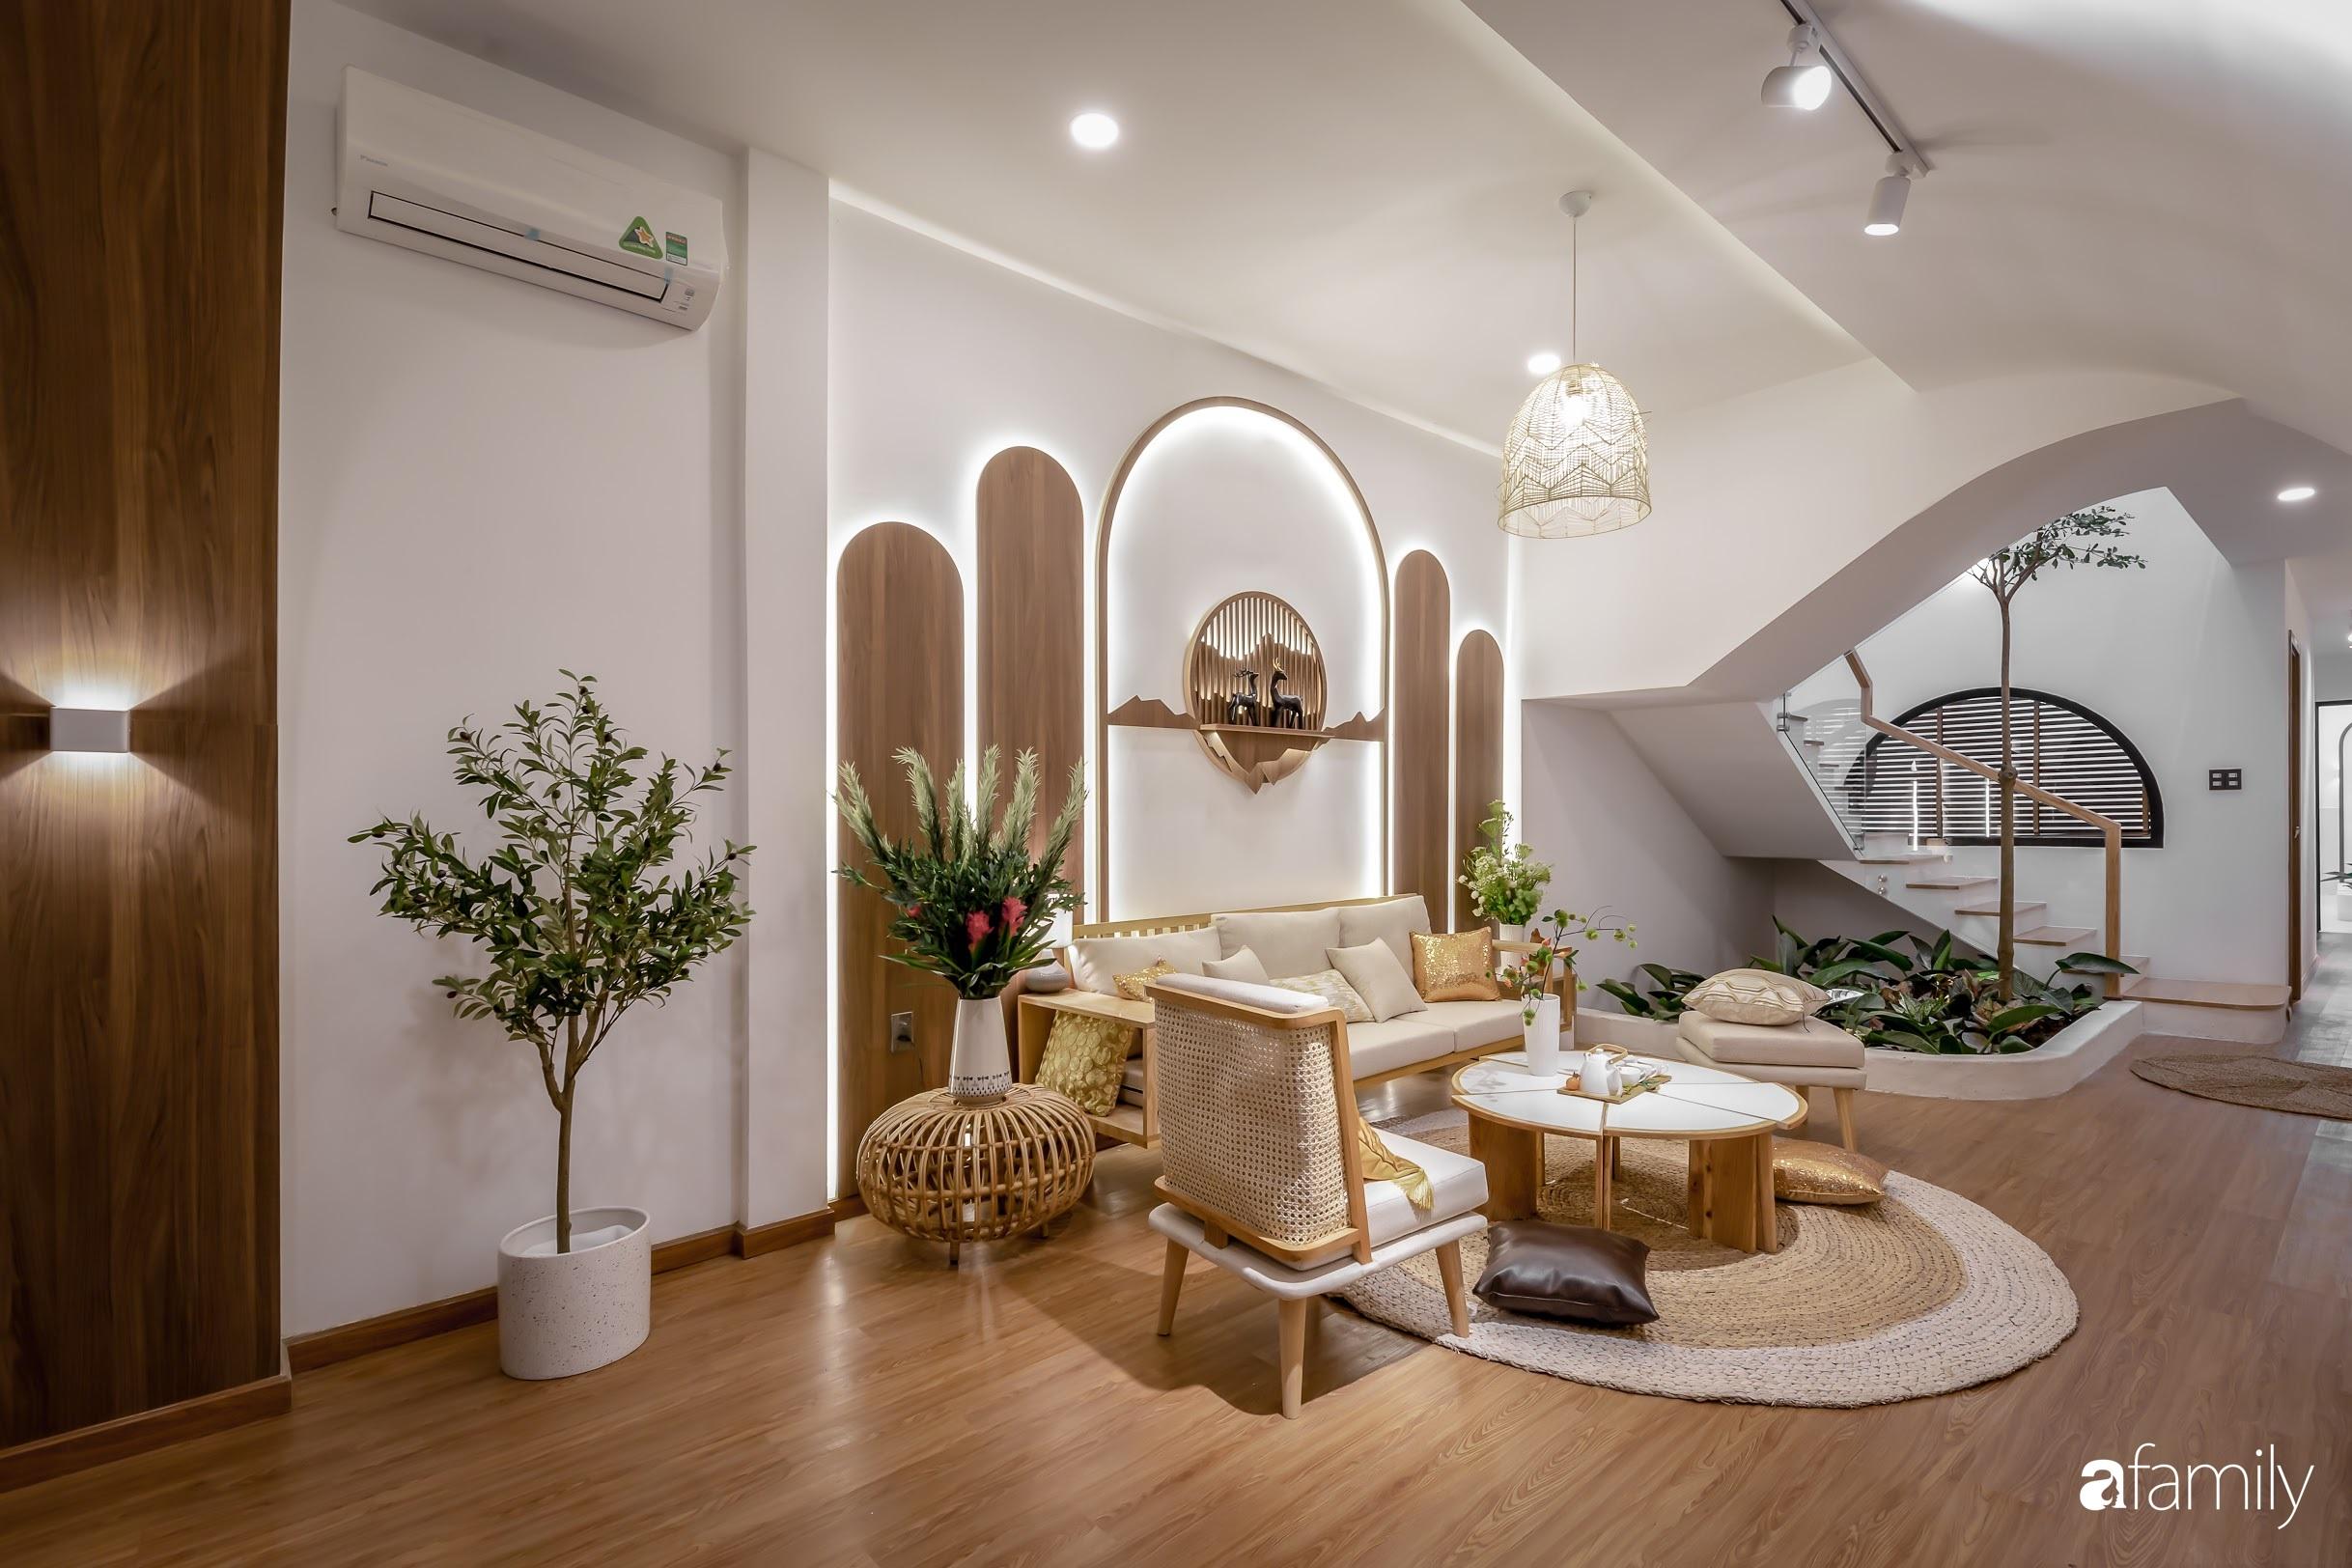 Nhà phố Tiền Giang đẹp hài hòa với thiết kế hiện đại, bố trí nội thất thông minh với chi phí 1,8 tỉ đồng - Ảnh 1.